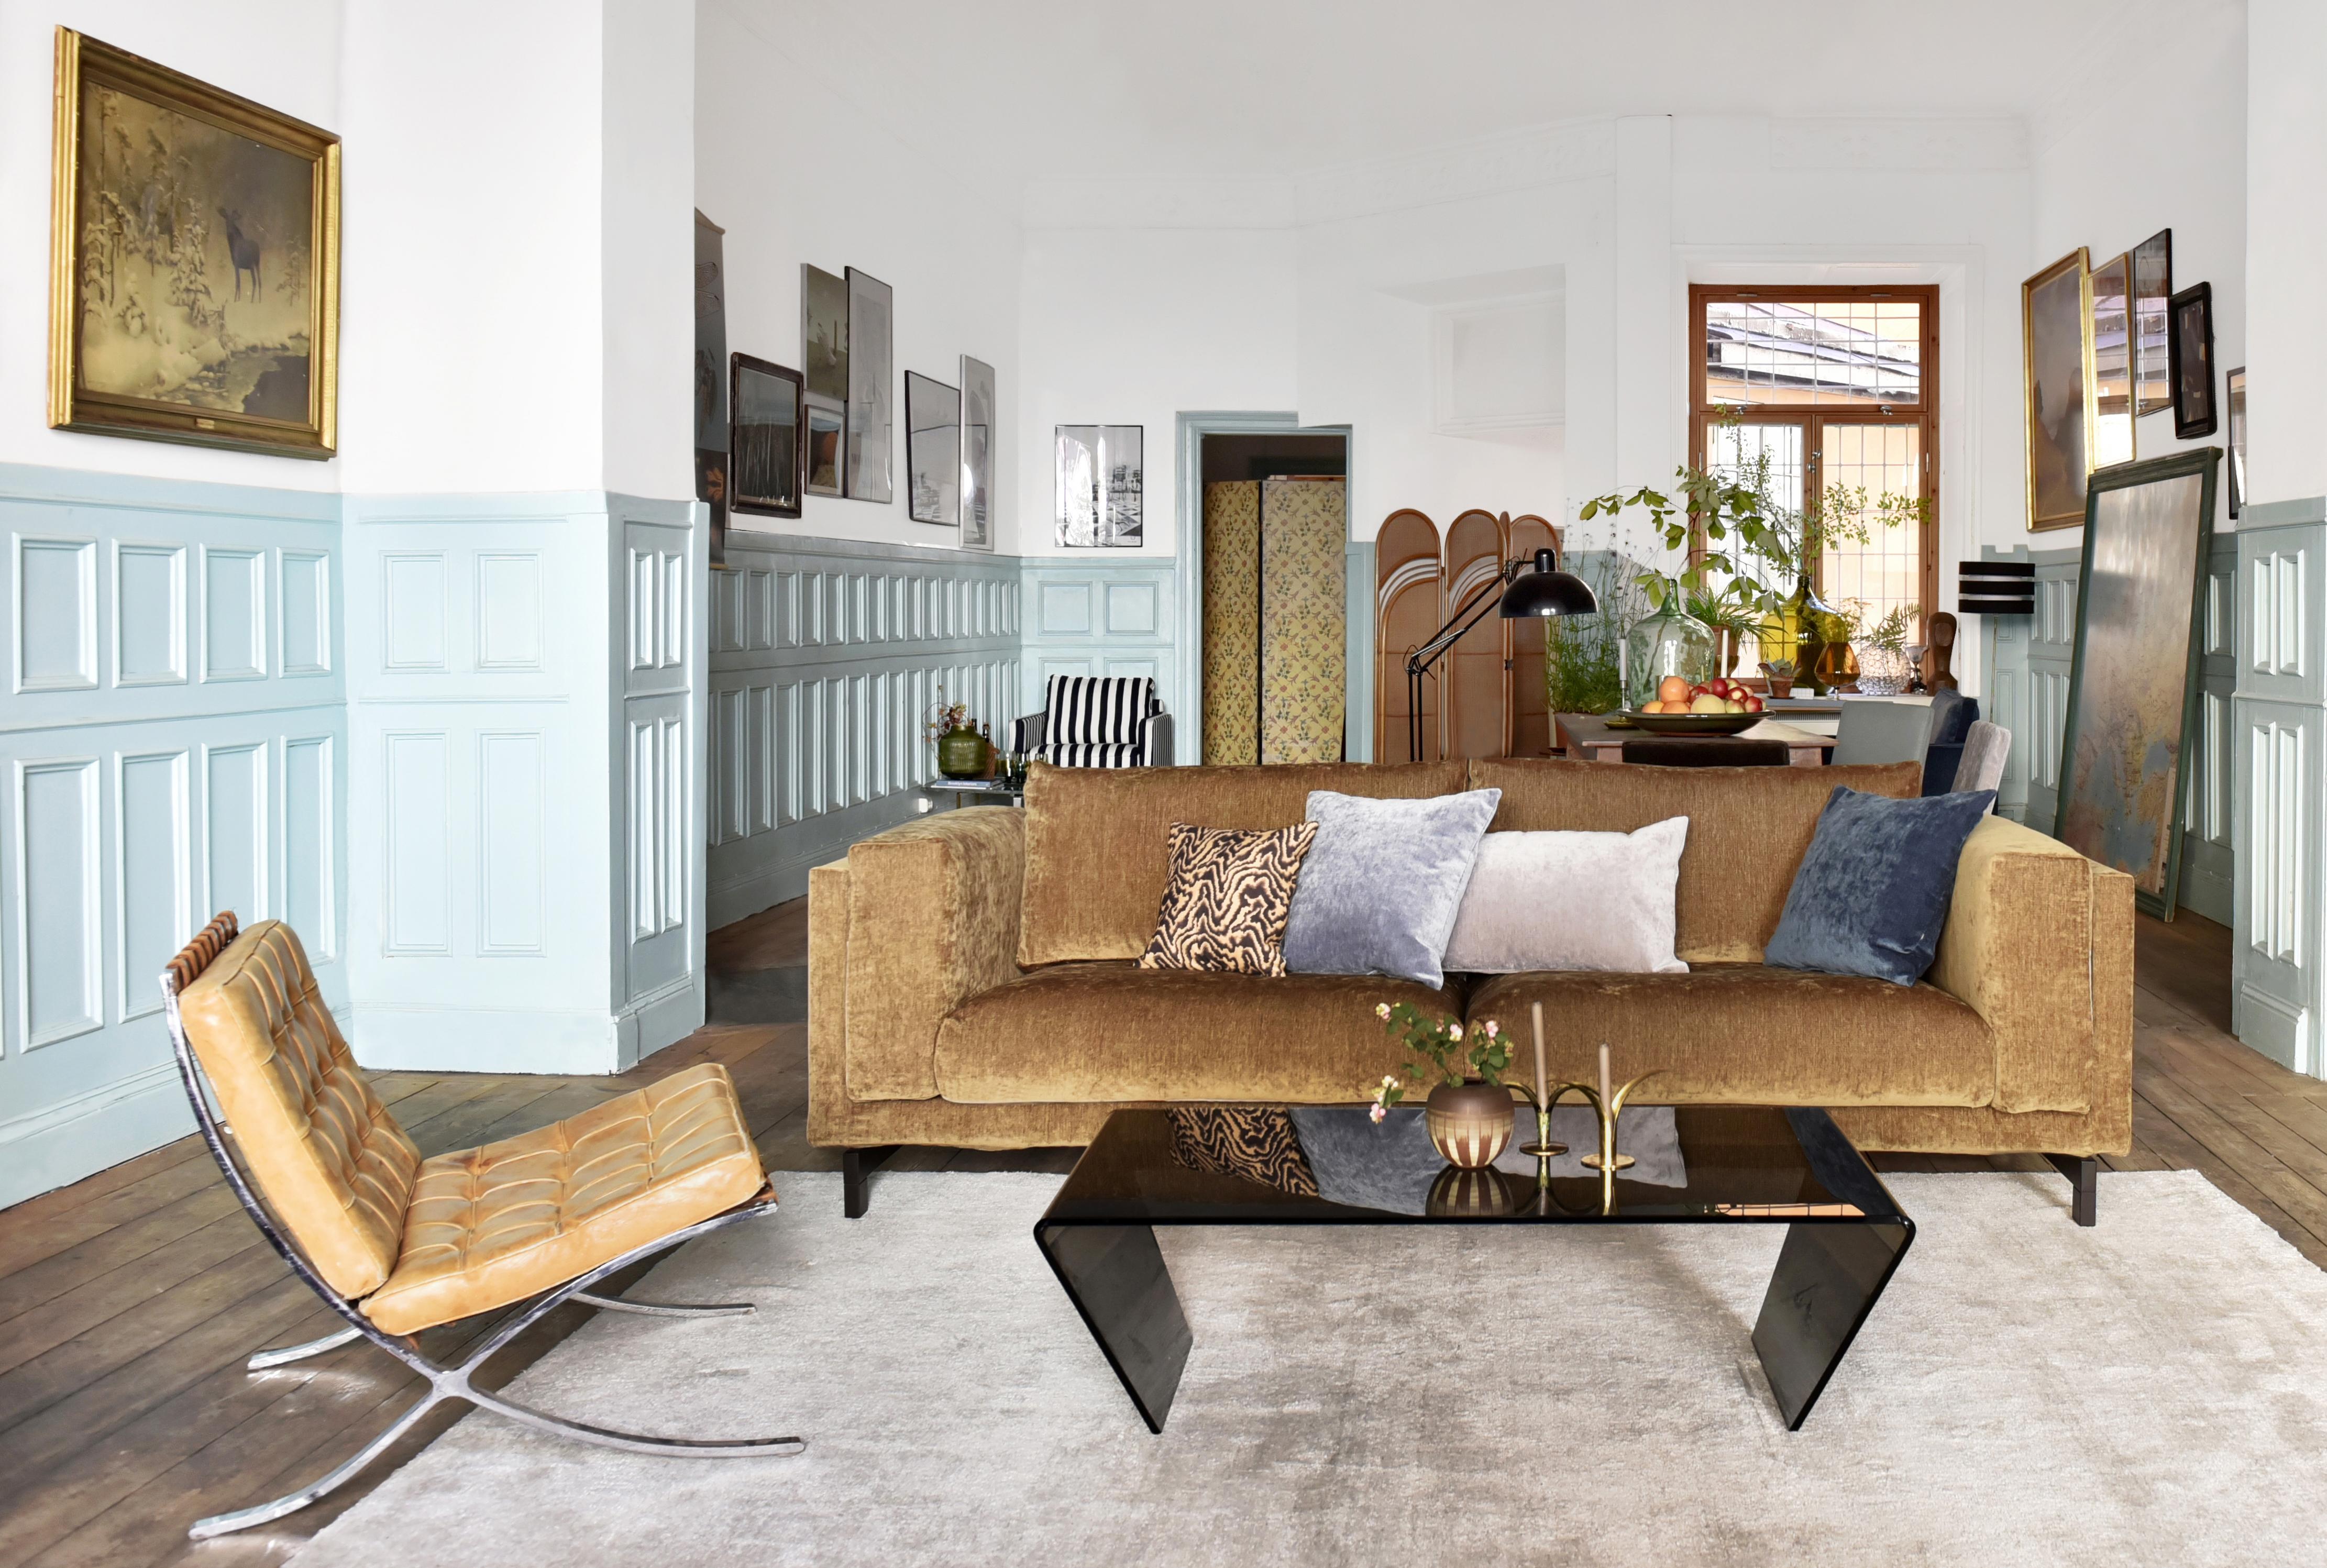 Ikea nockeby acorn bemz bemz - Wohnzimmer orientalischer stil ...